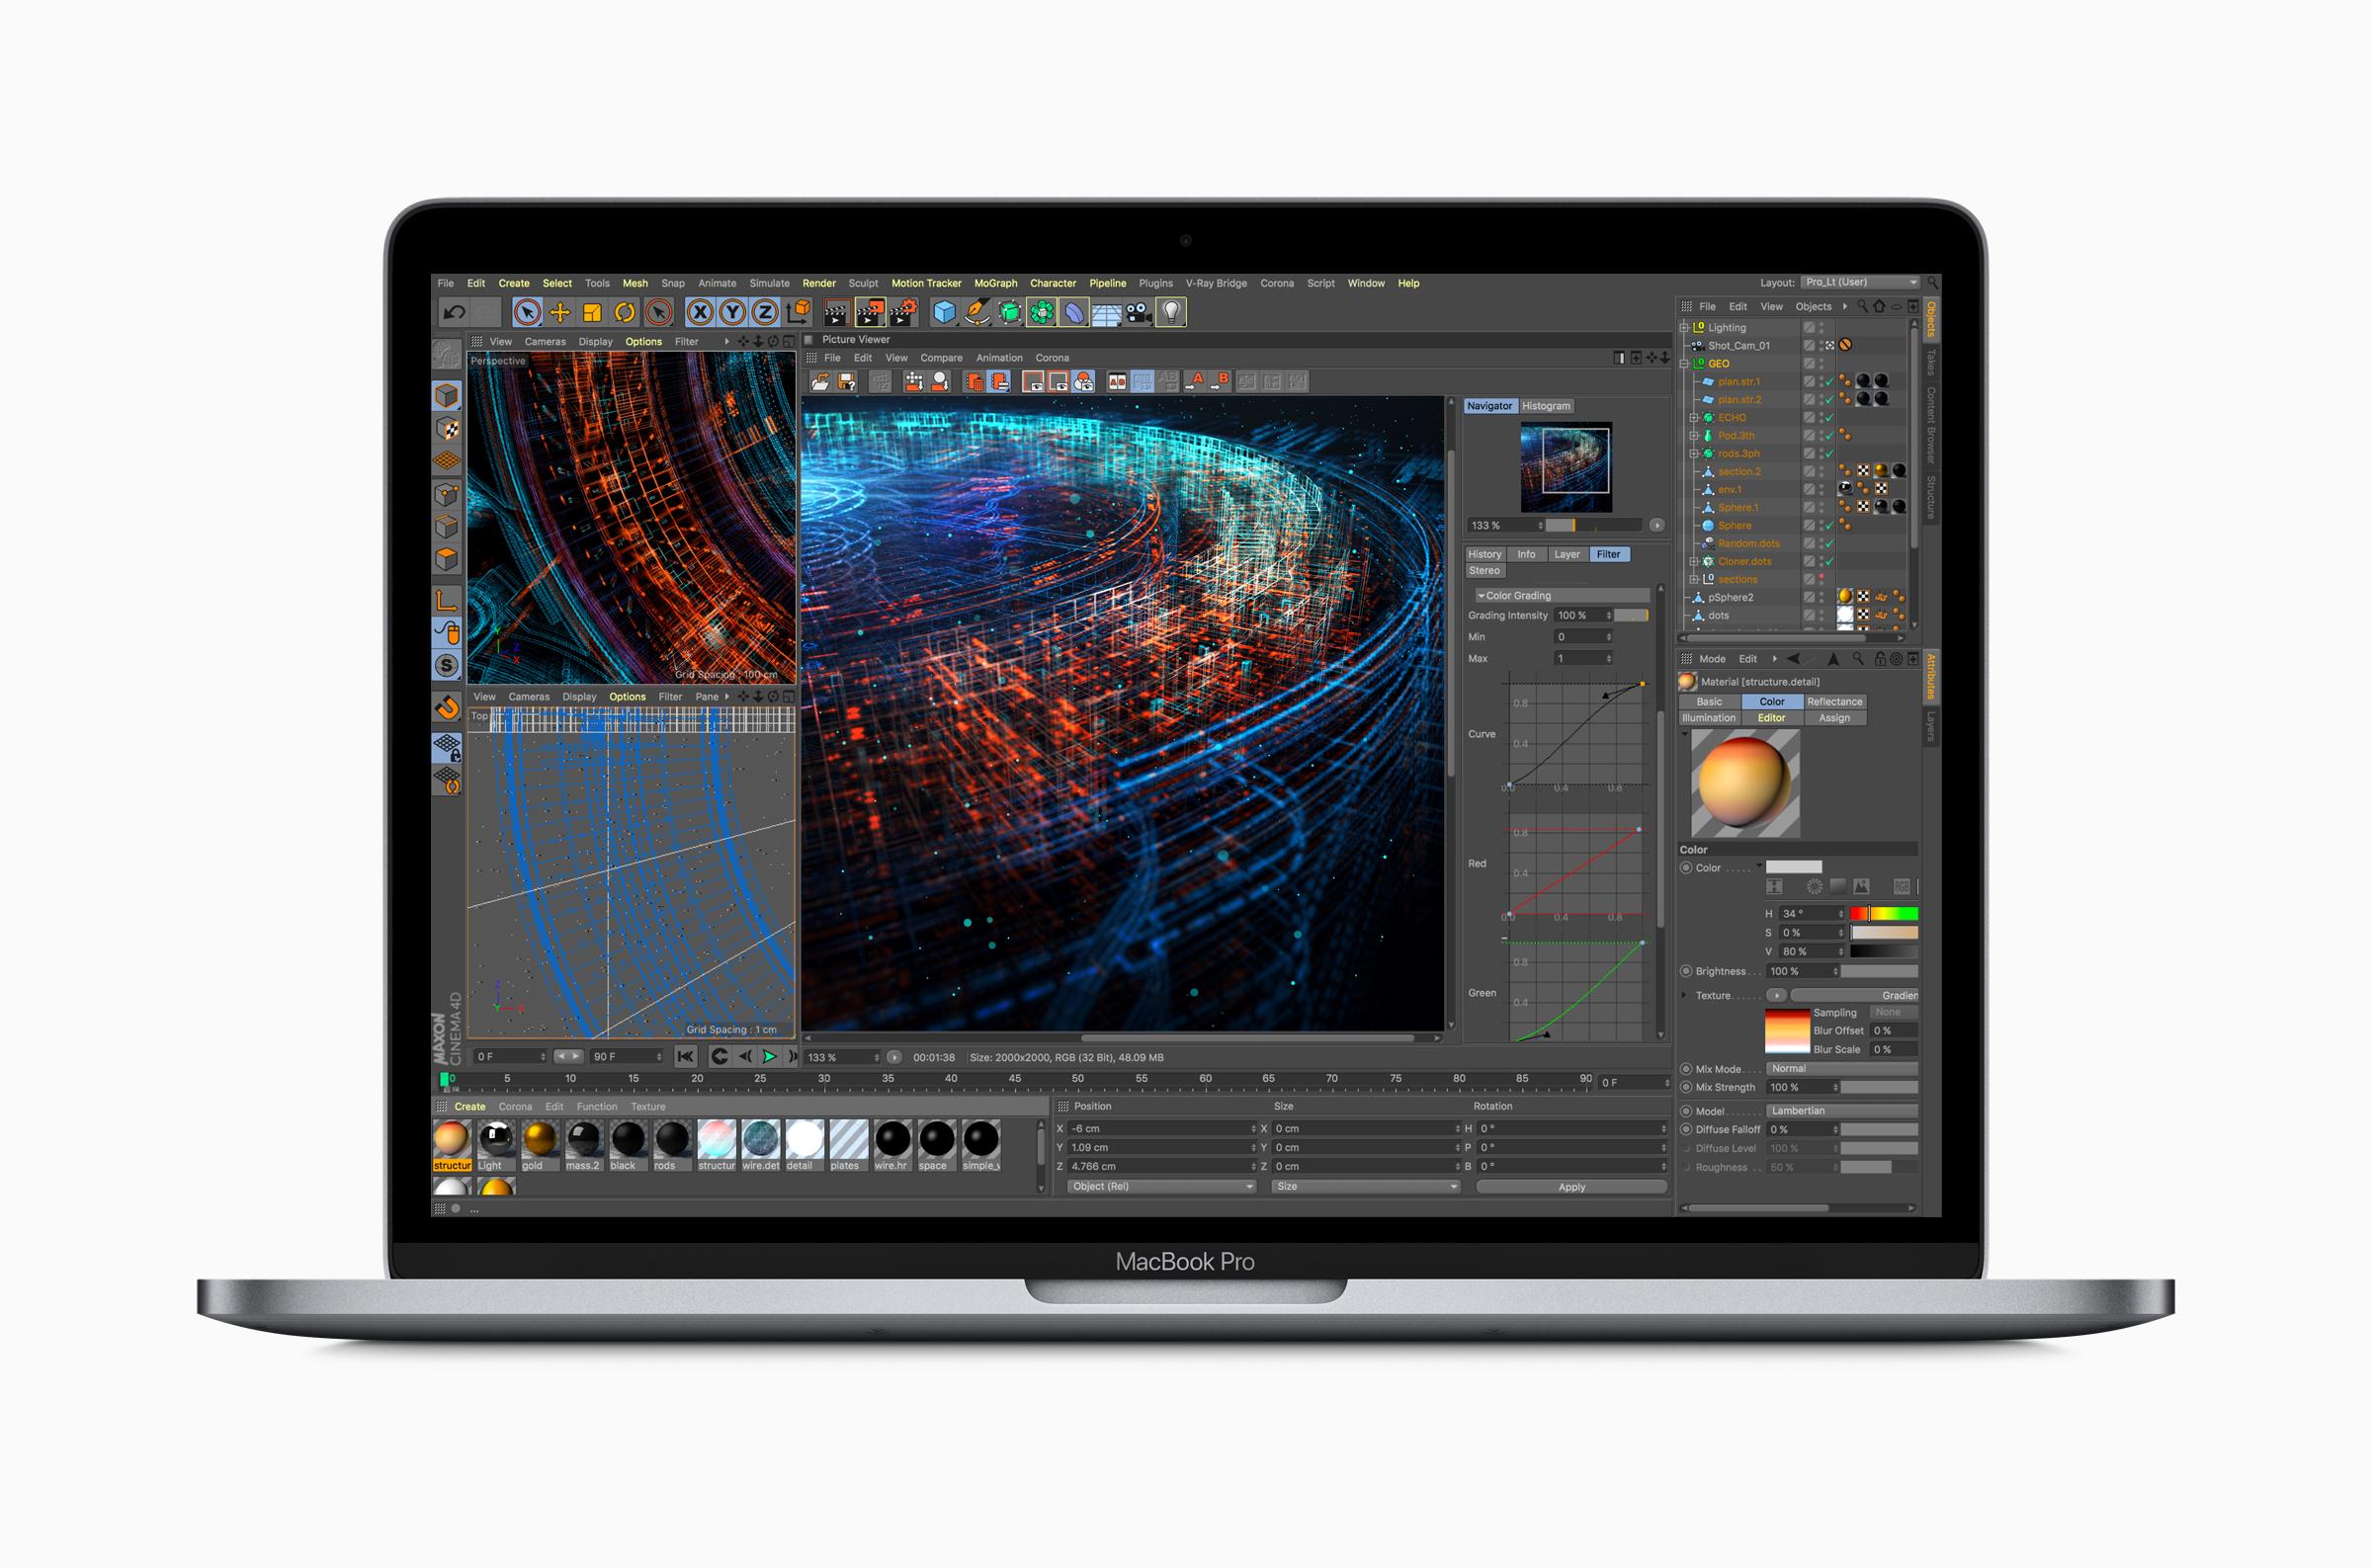 Apple_MacBook_Pro-02